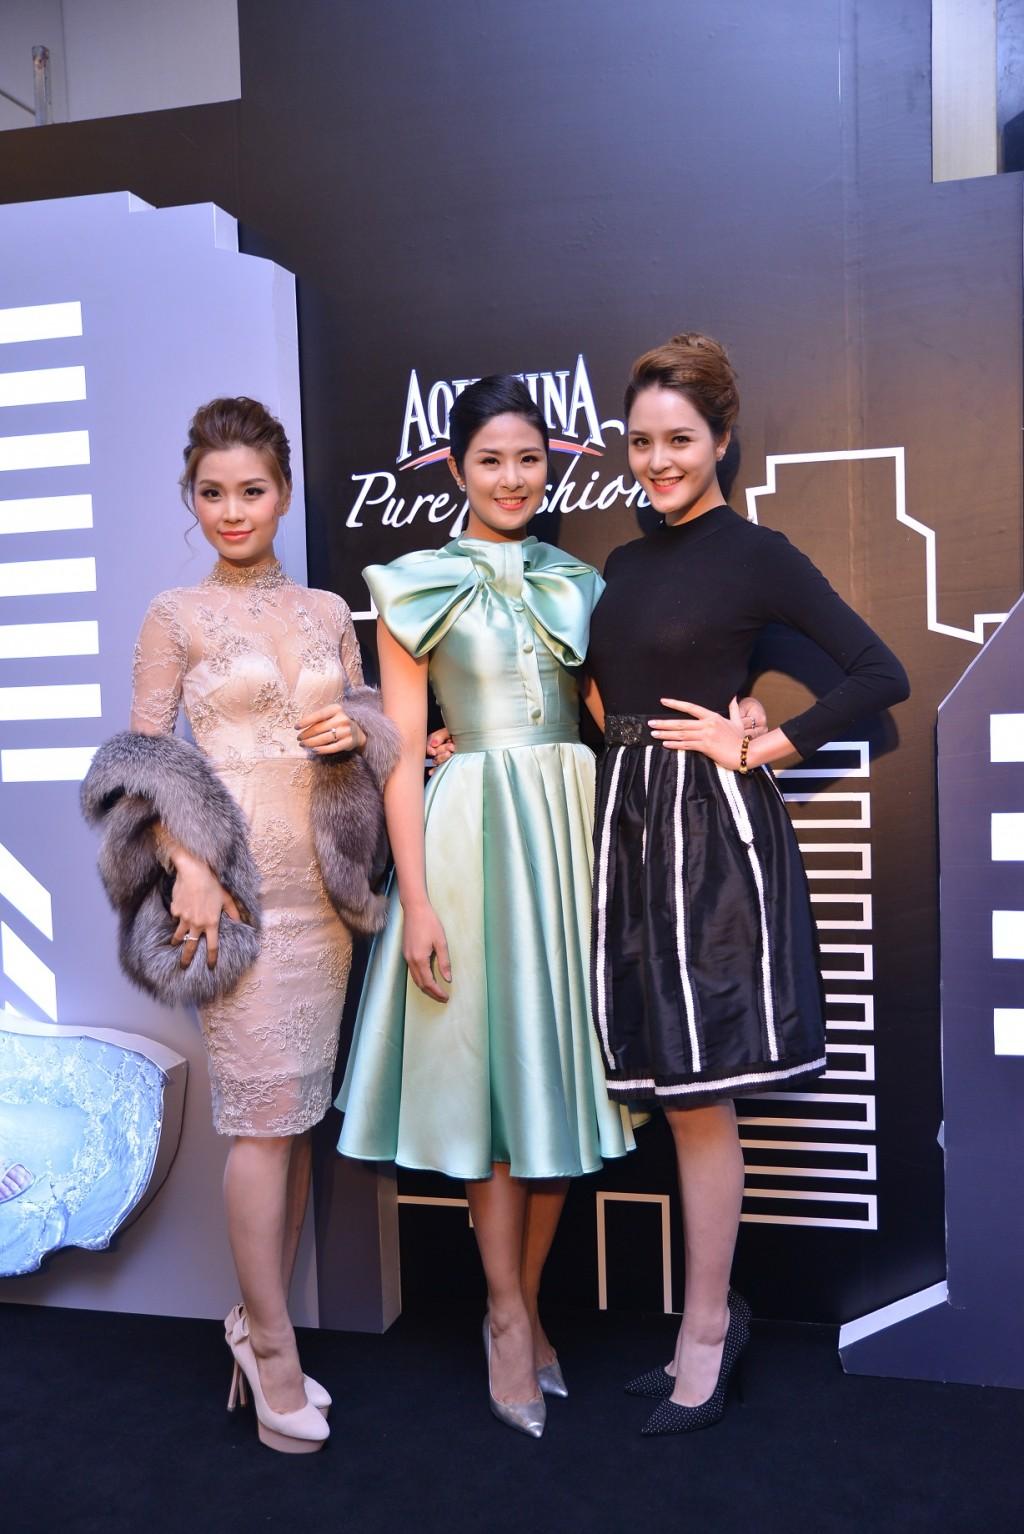 Hoa hậu Ngọc Hân, Á hậu Tú Anh, Á hậu Diễm Trang góp mặt trong đêm Chung kết Aquafina Pure Fashion 2015